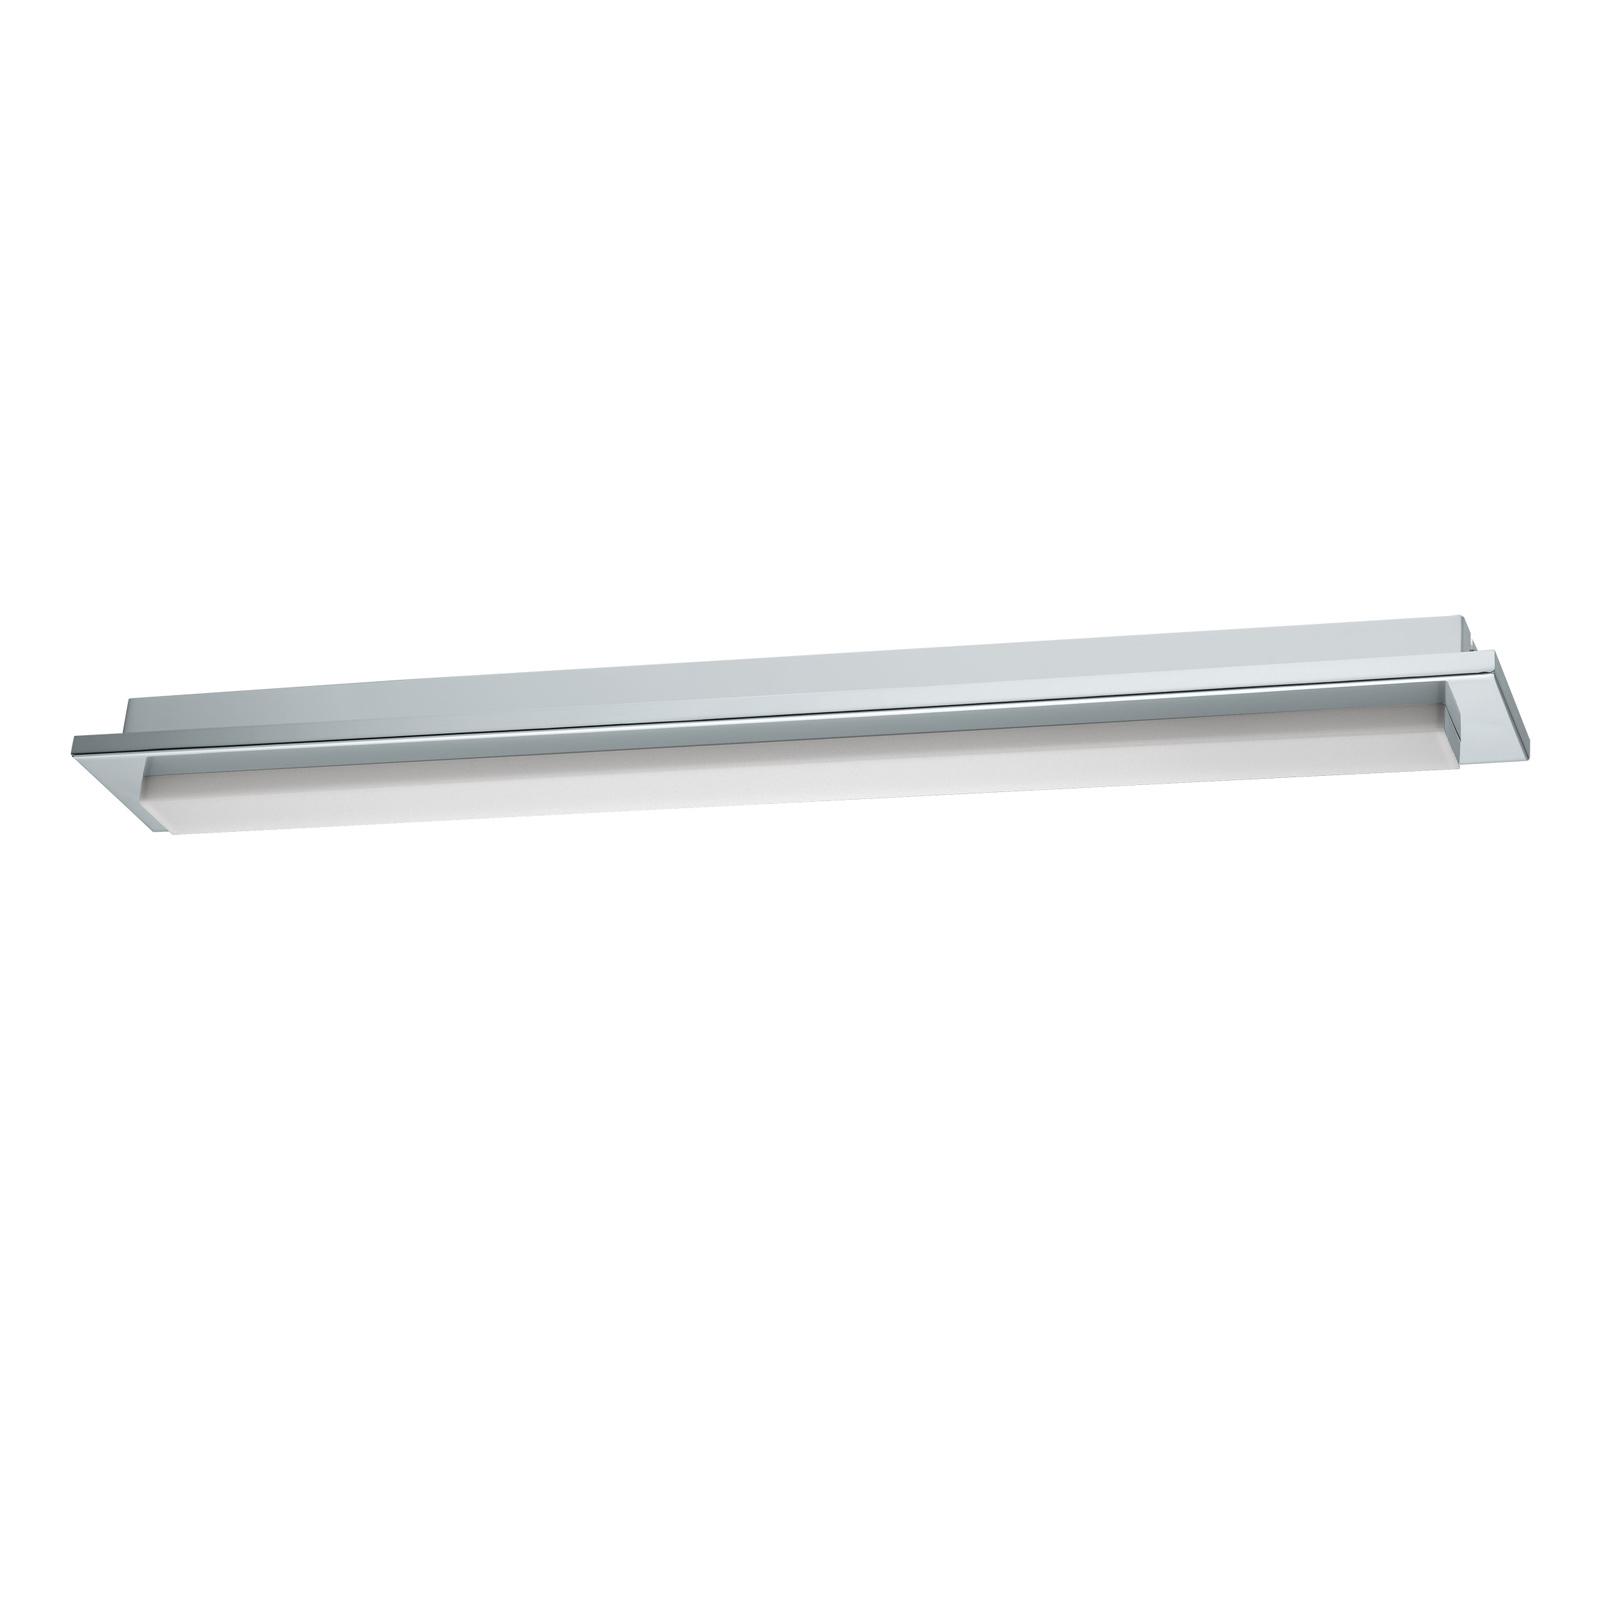 Lampada da specchio LED Cumbrecita, cromo 61 cm